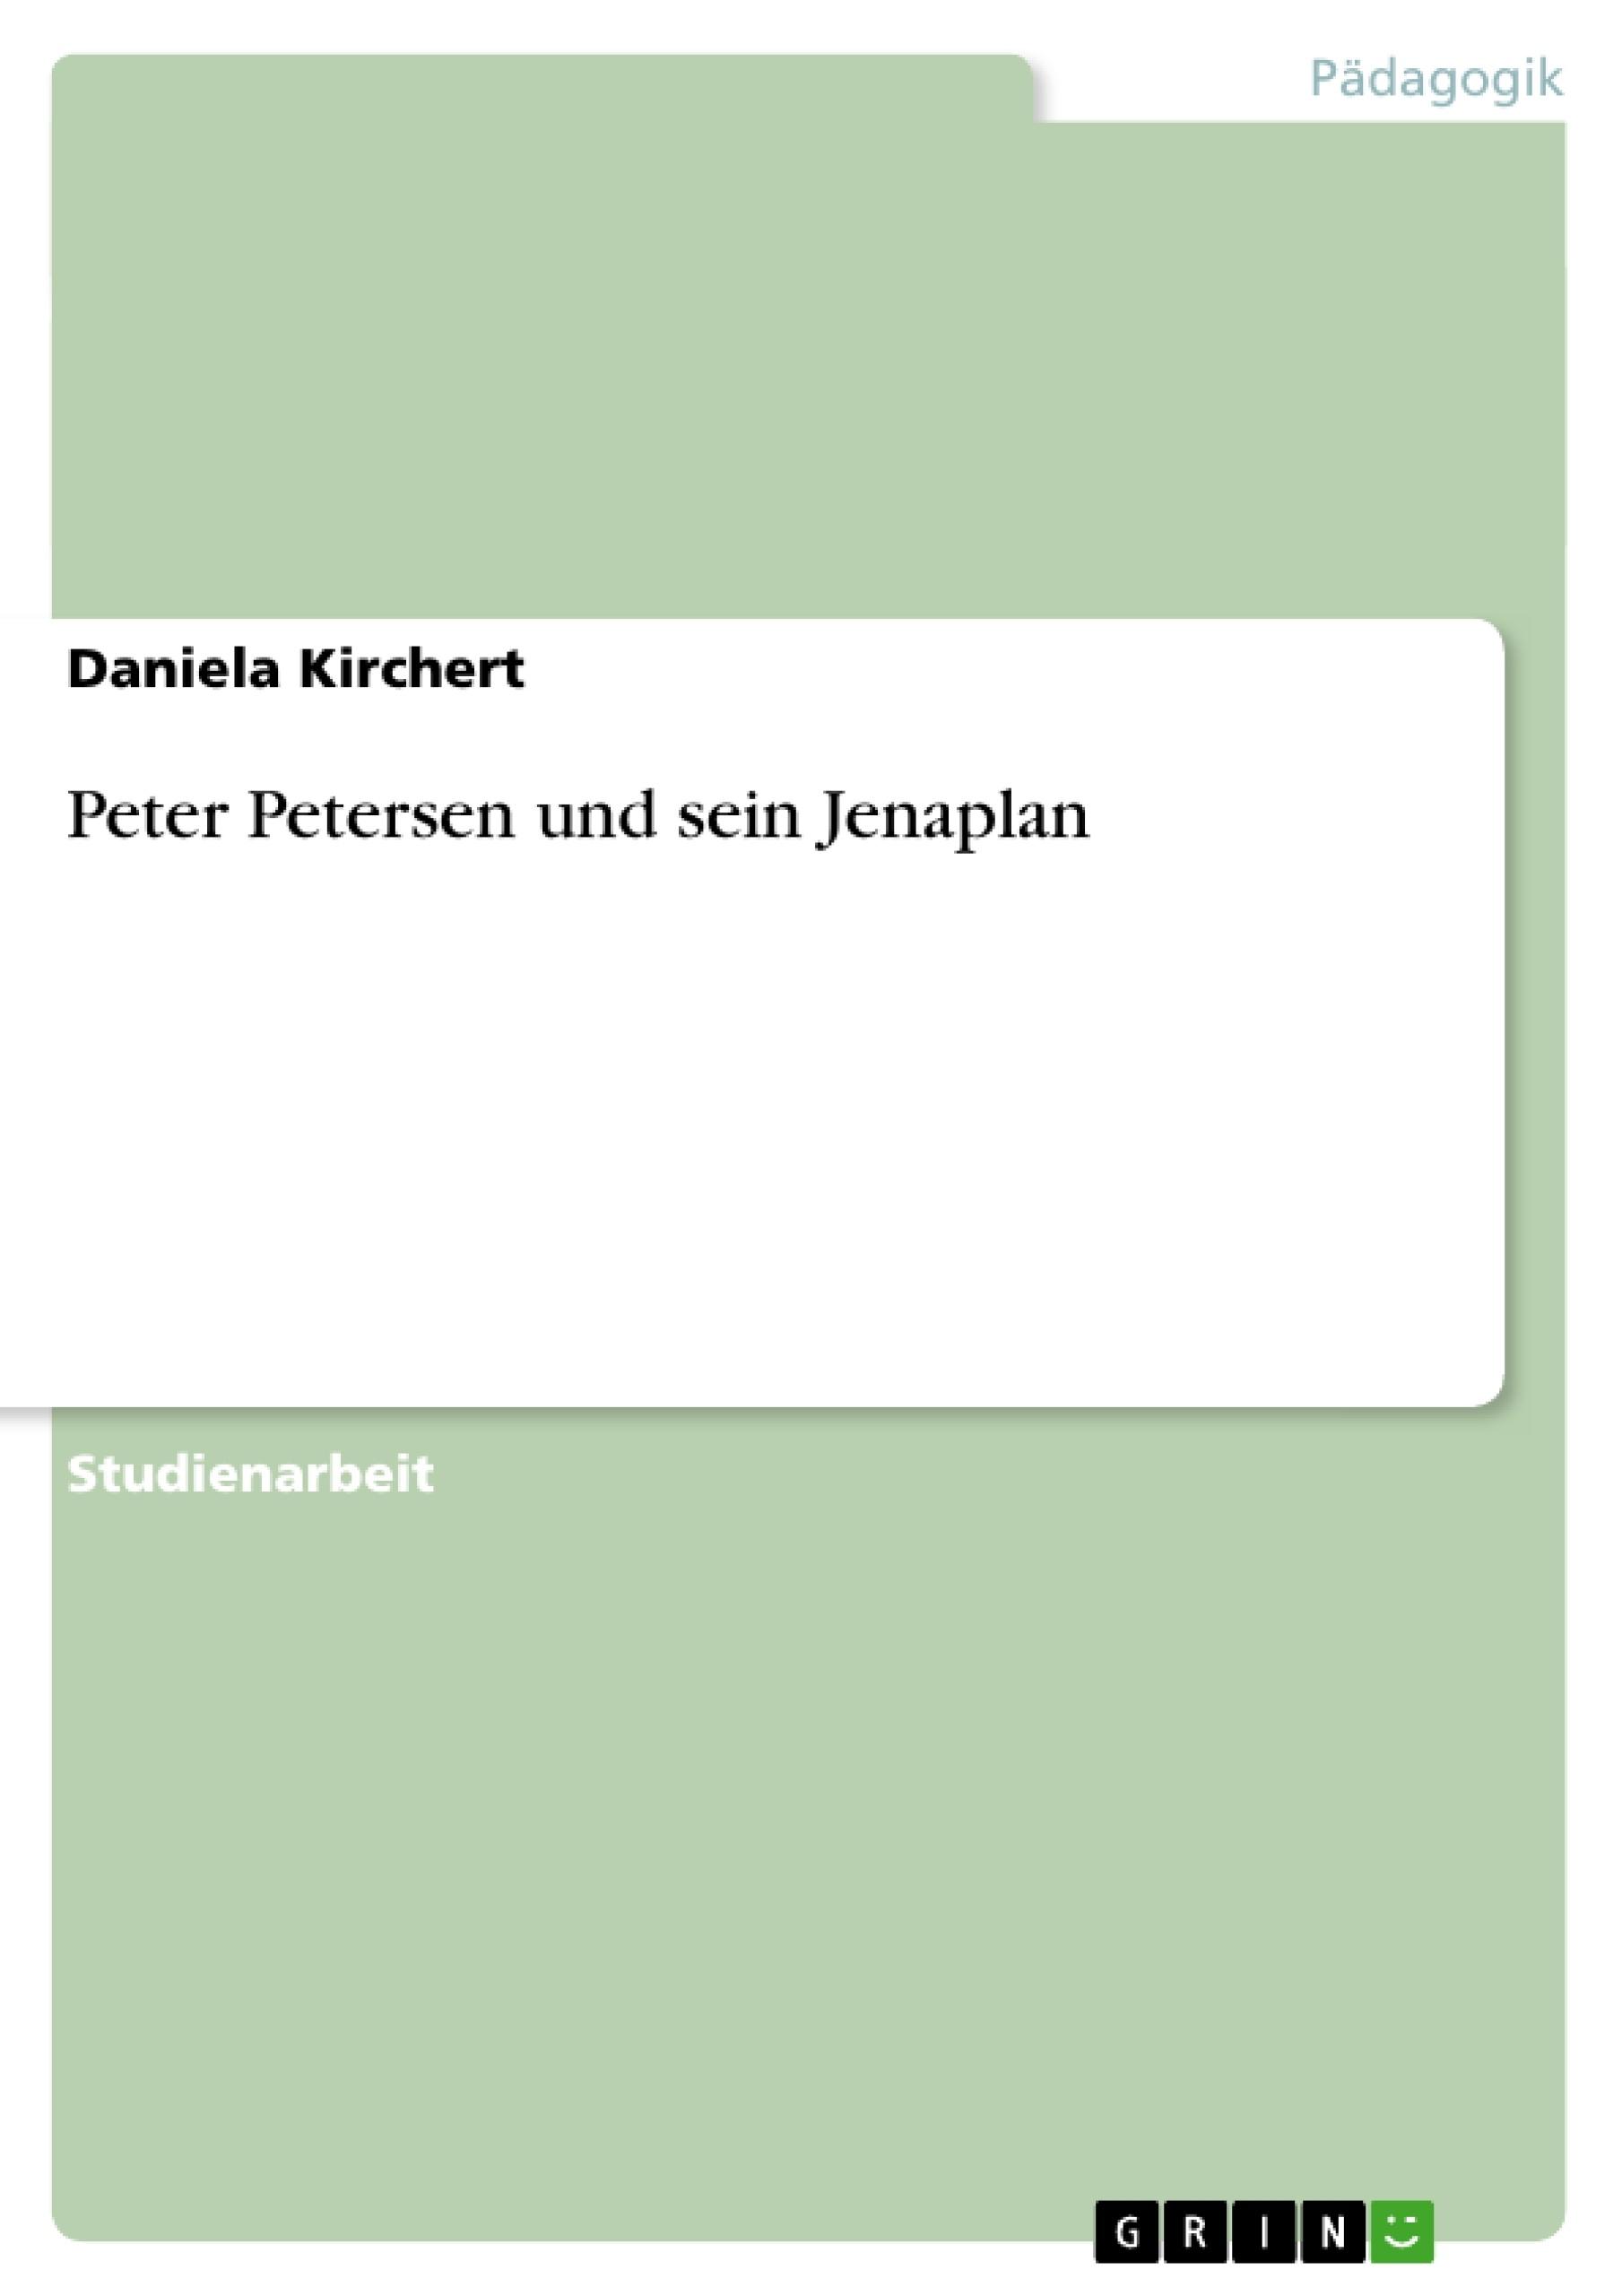 Titel: Peter Petersen und sein Jenaplan